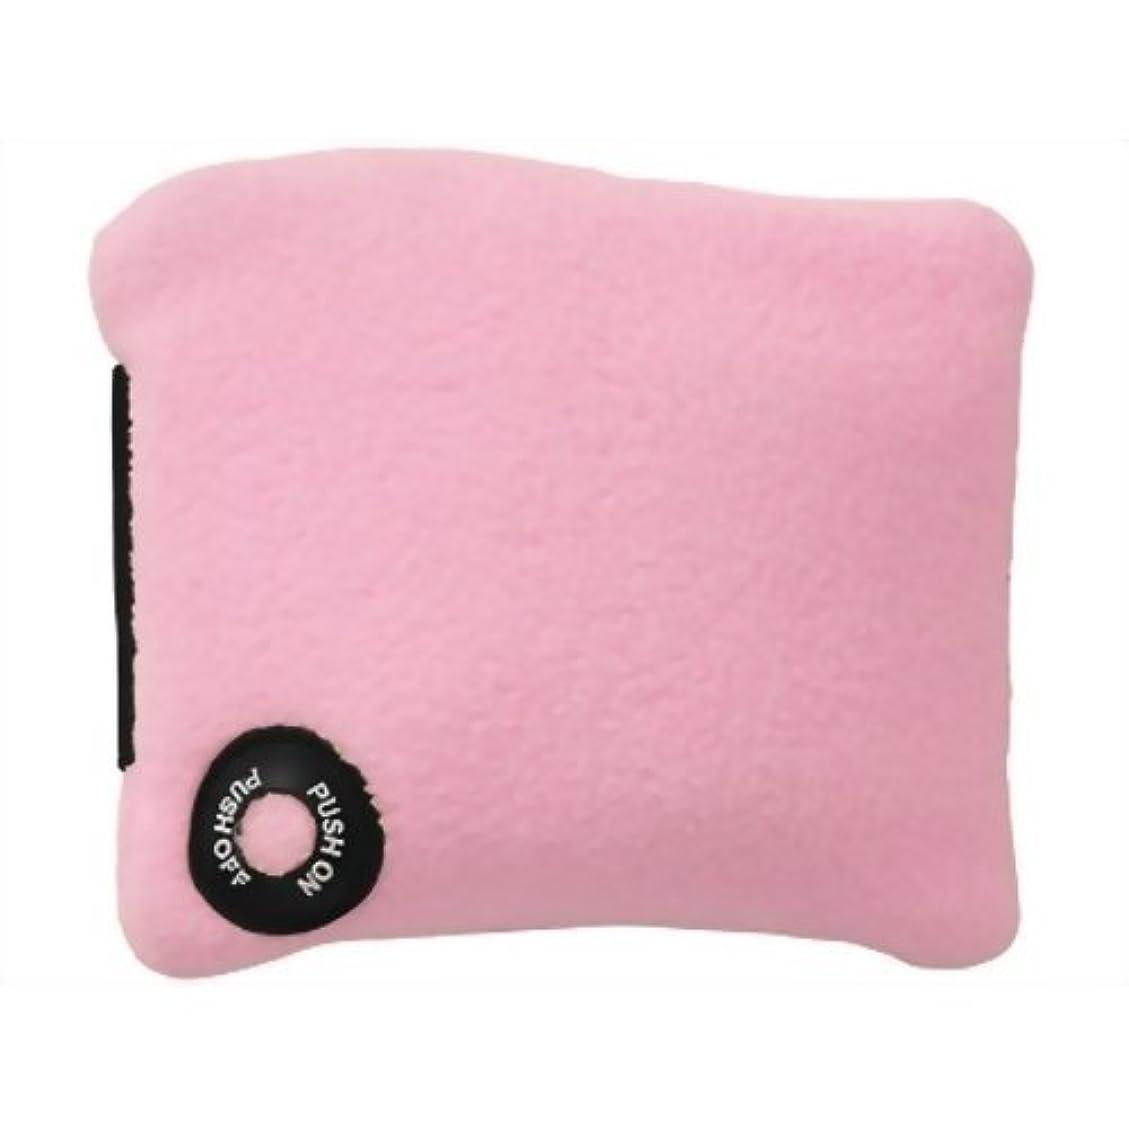 無関心守るジャンクぶるる 足用 ピンク フリーサイズ